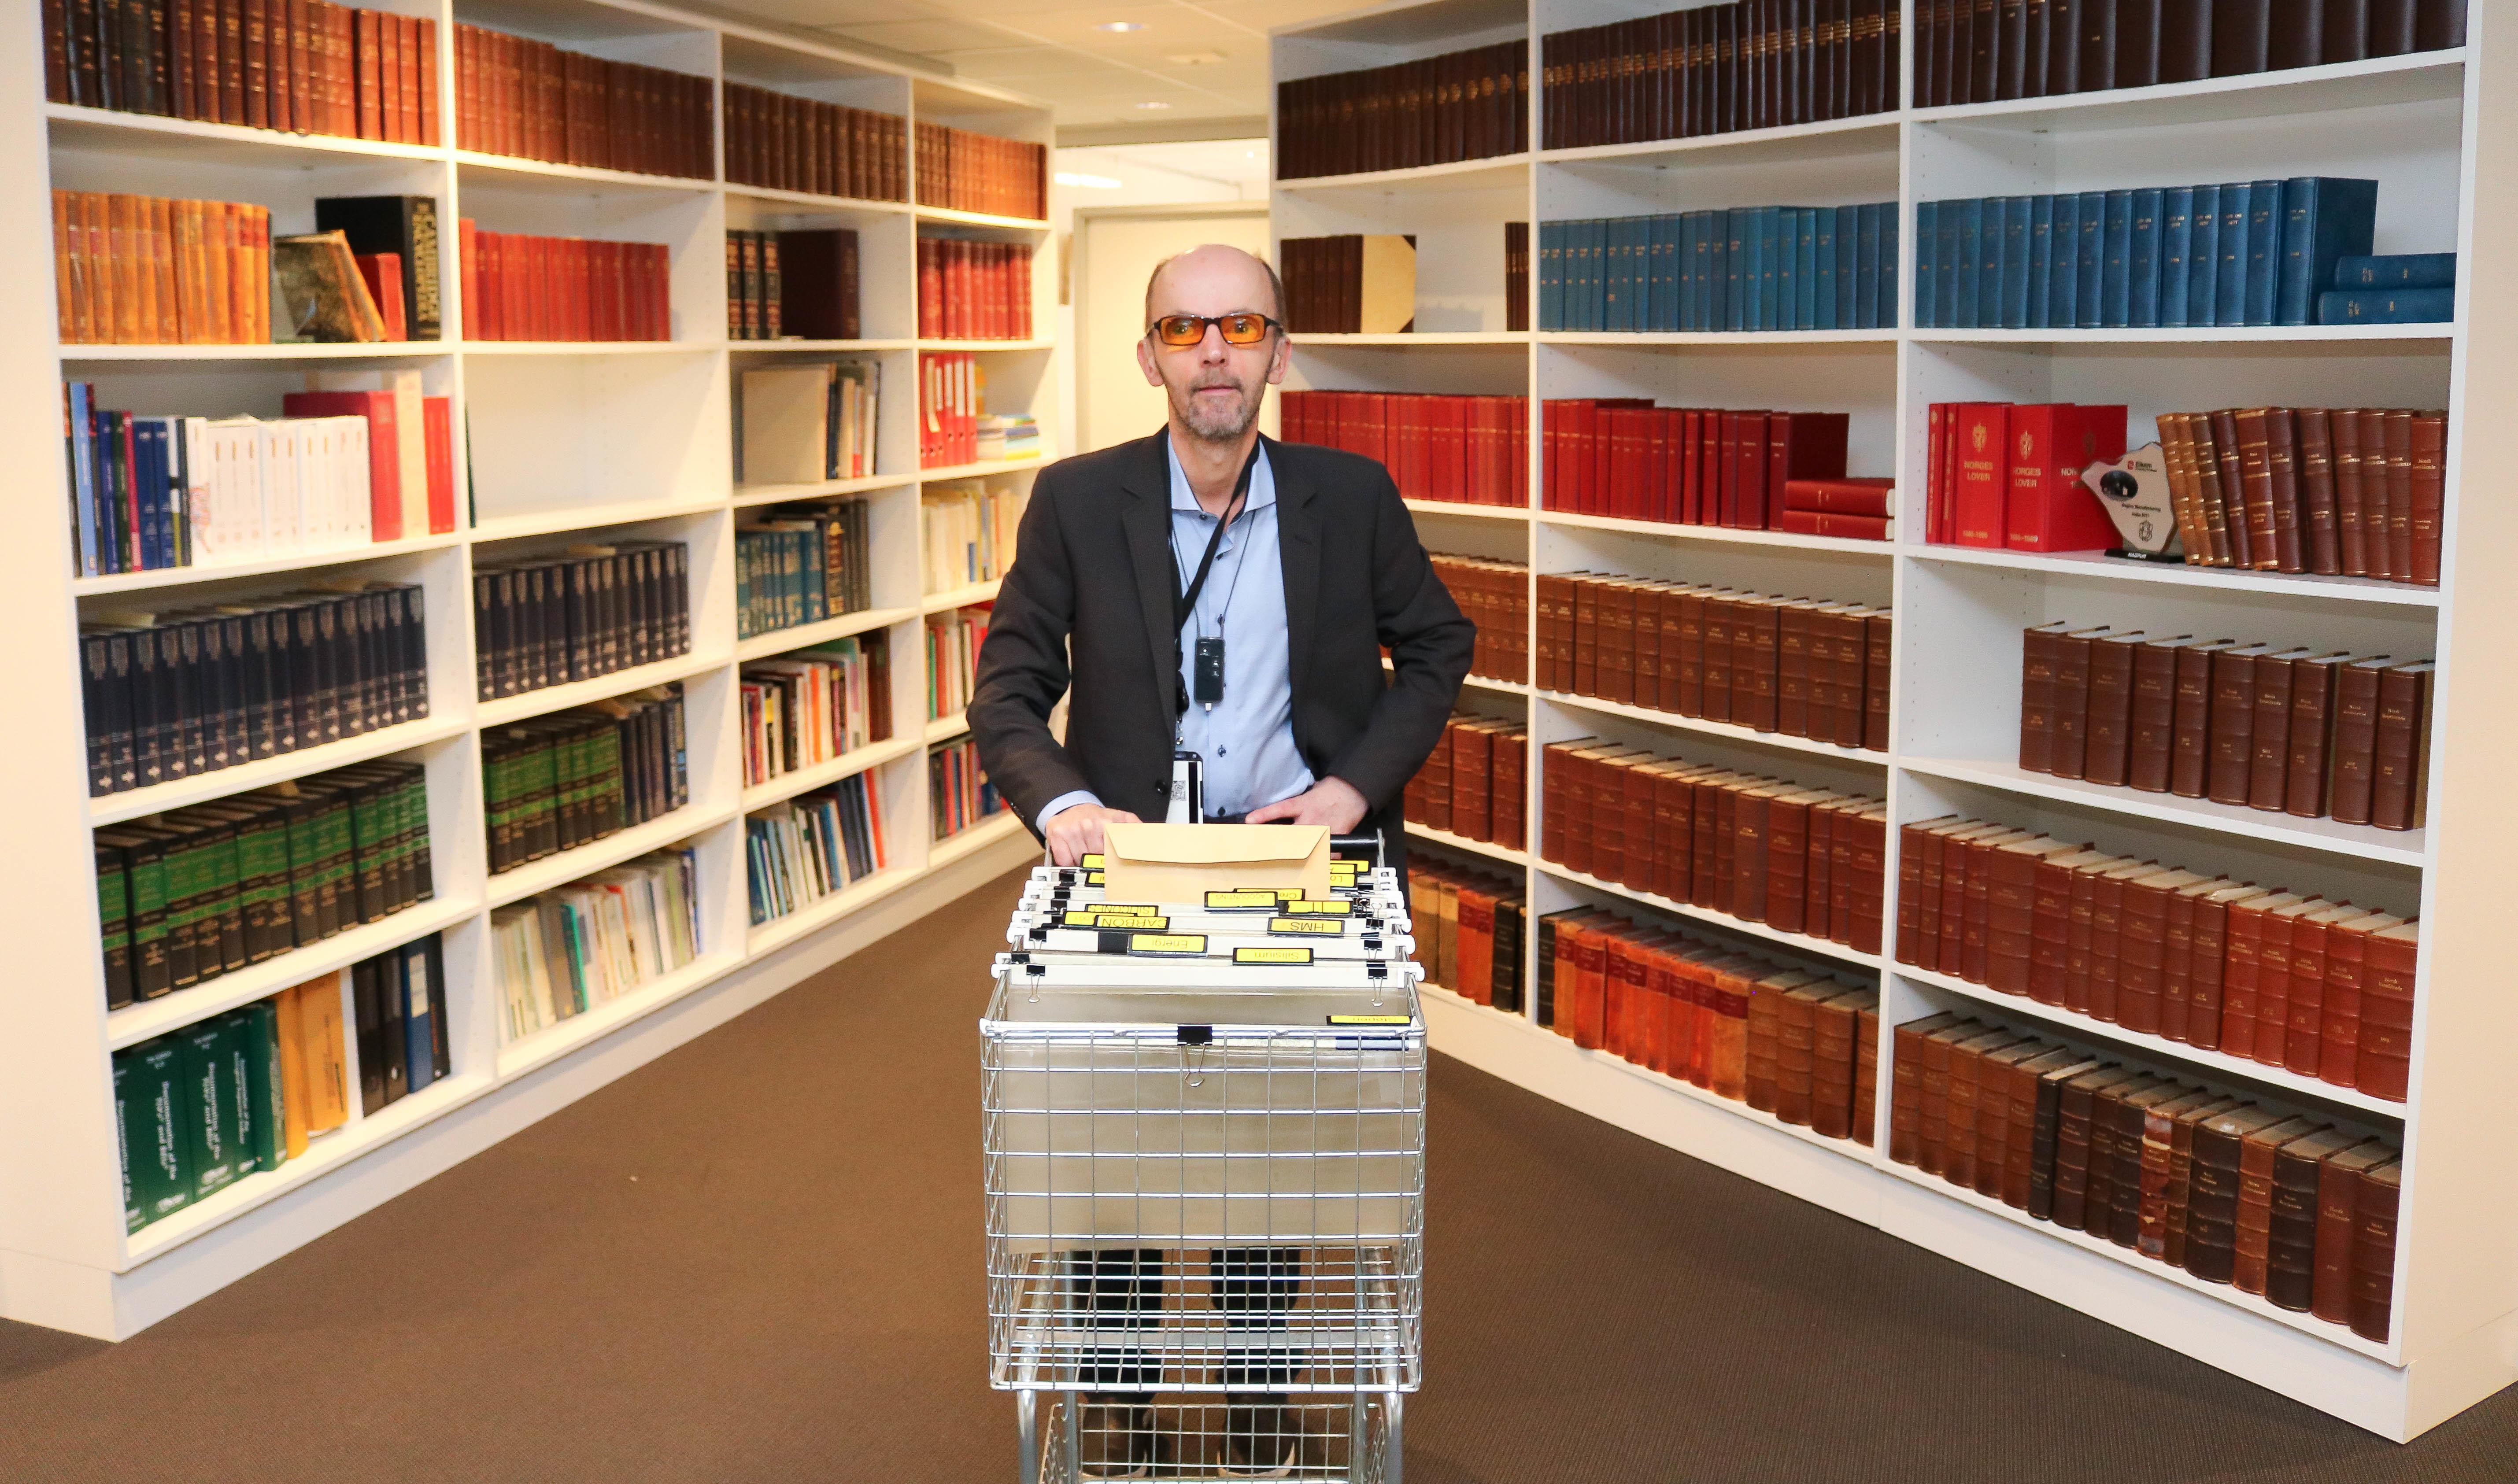 Midt i et bibliotek. Mann med filterbriller står med en postvogn mellom to skråstilte bokhyller.